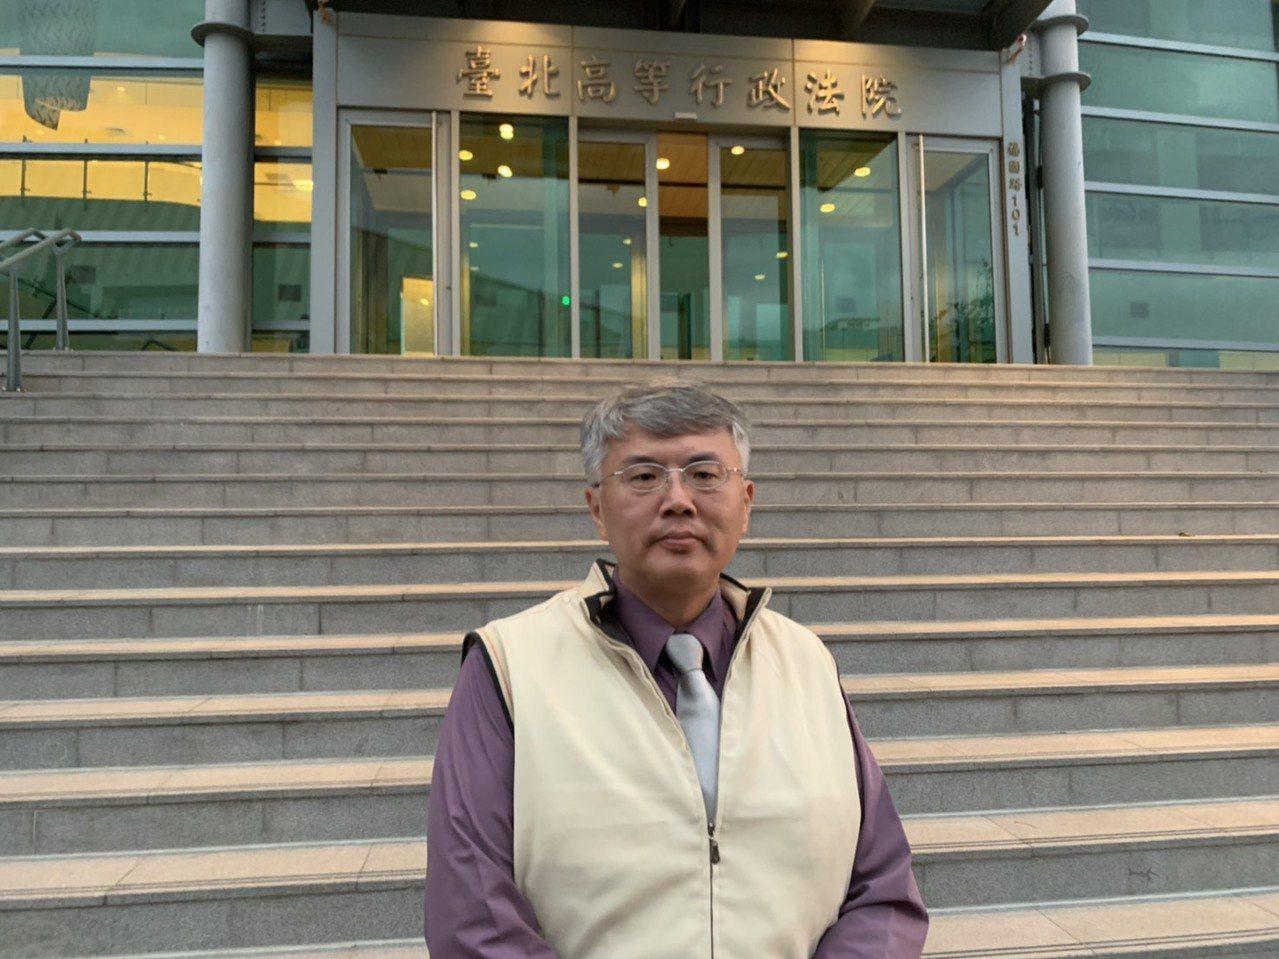 前檢察官王全中參選立委,向法院聲請定暫時狀態假處分。記者賴佩璇/攝影。